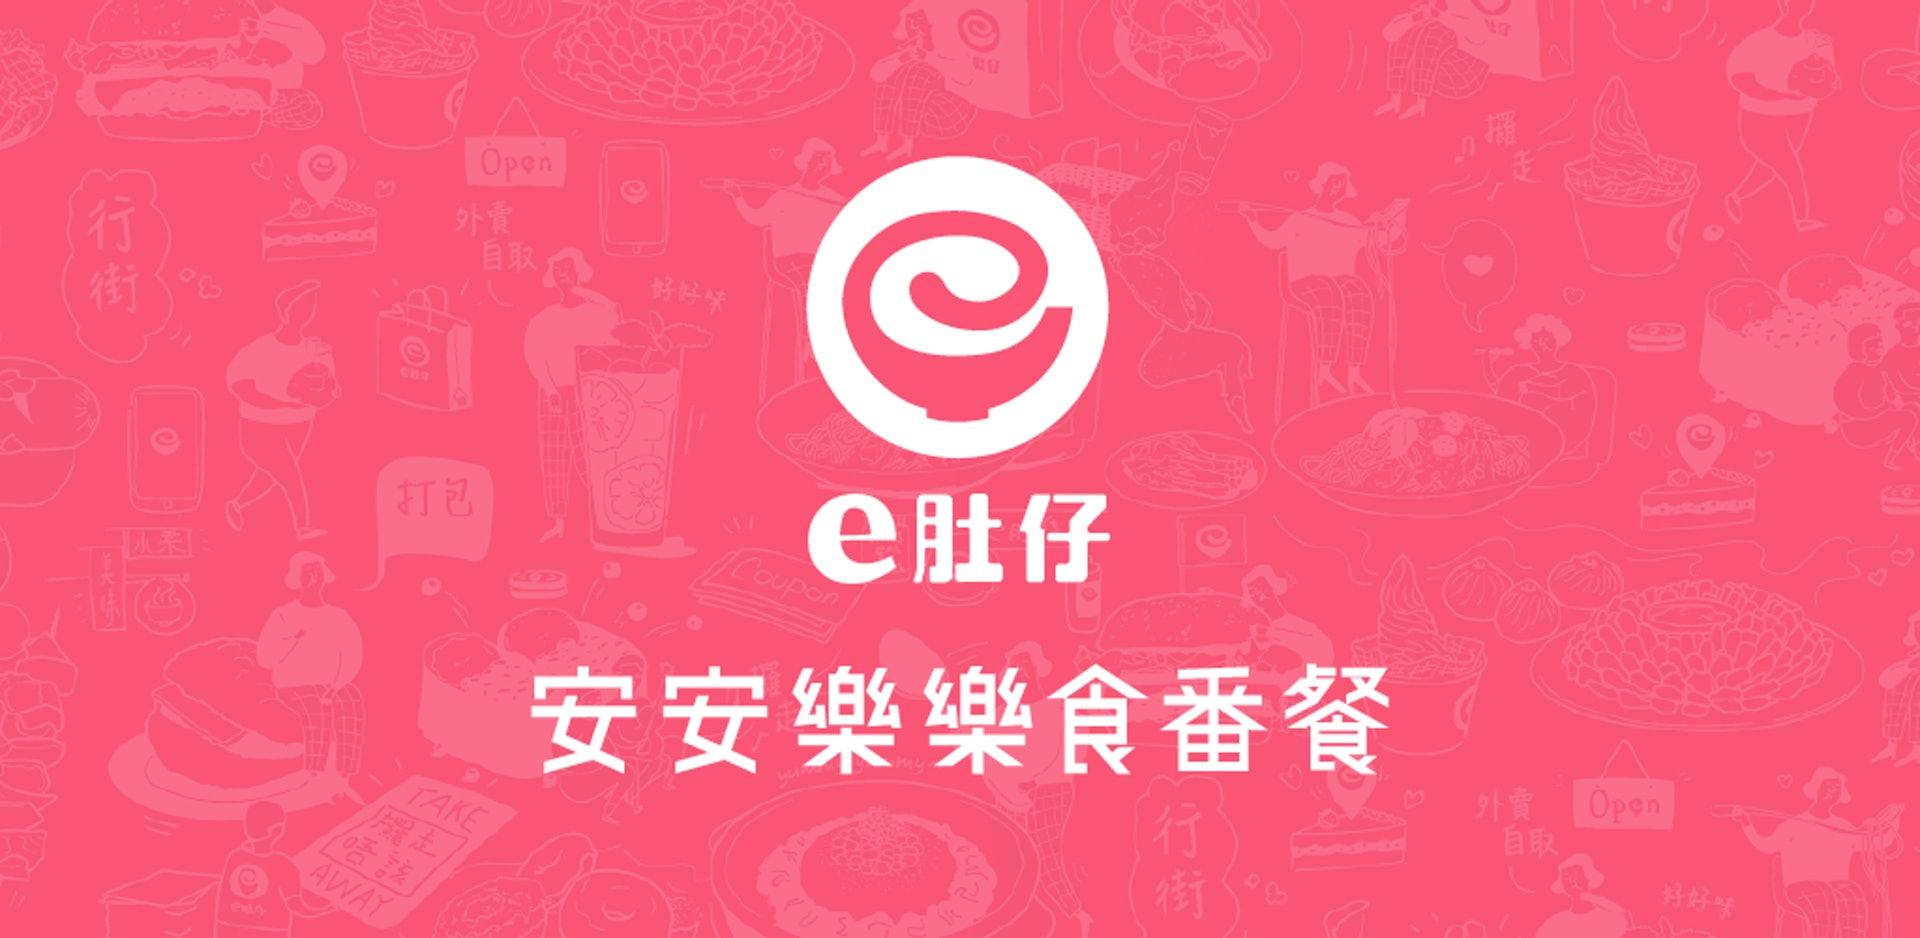 實現全民無紙化外賣香港01「e肚仔」外賣自取服務面世|香港01|會員專區